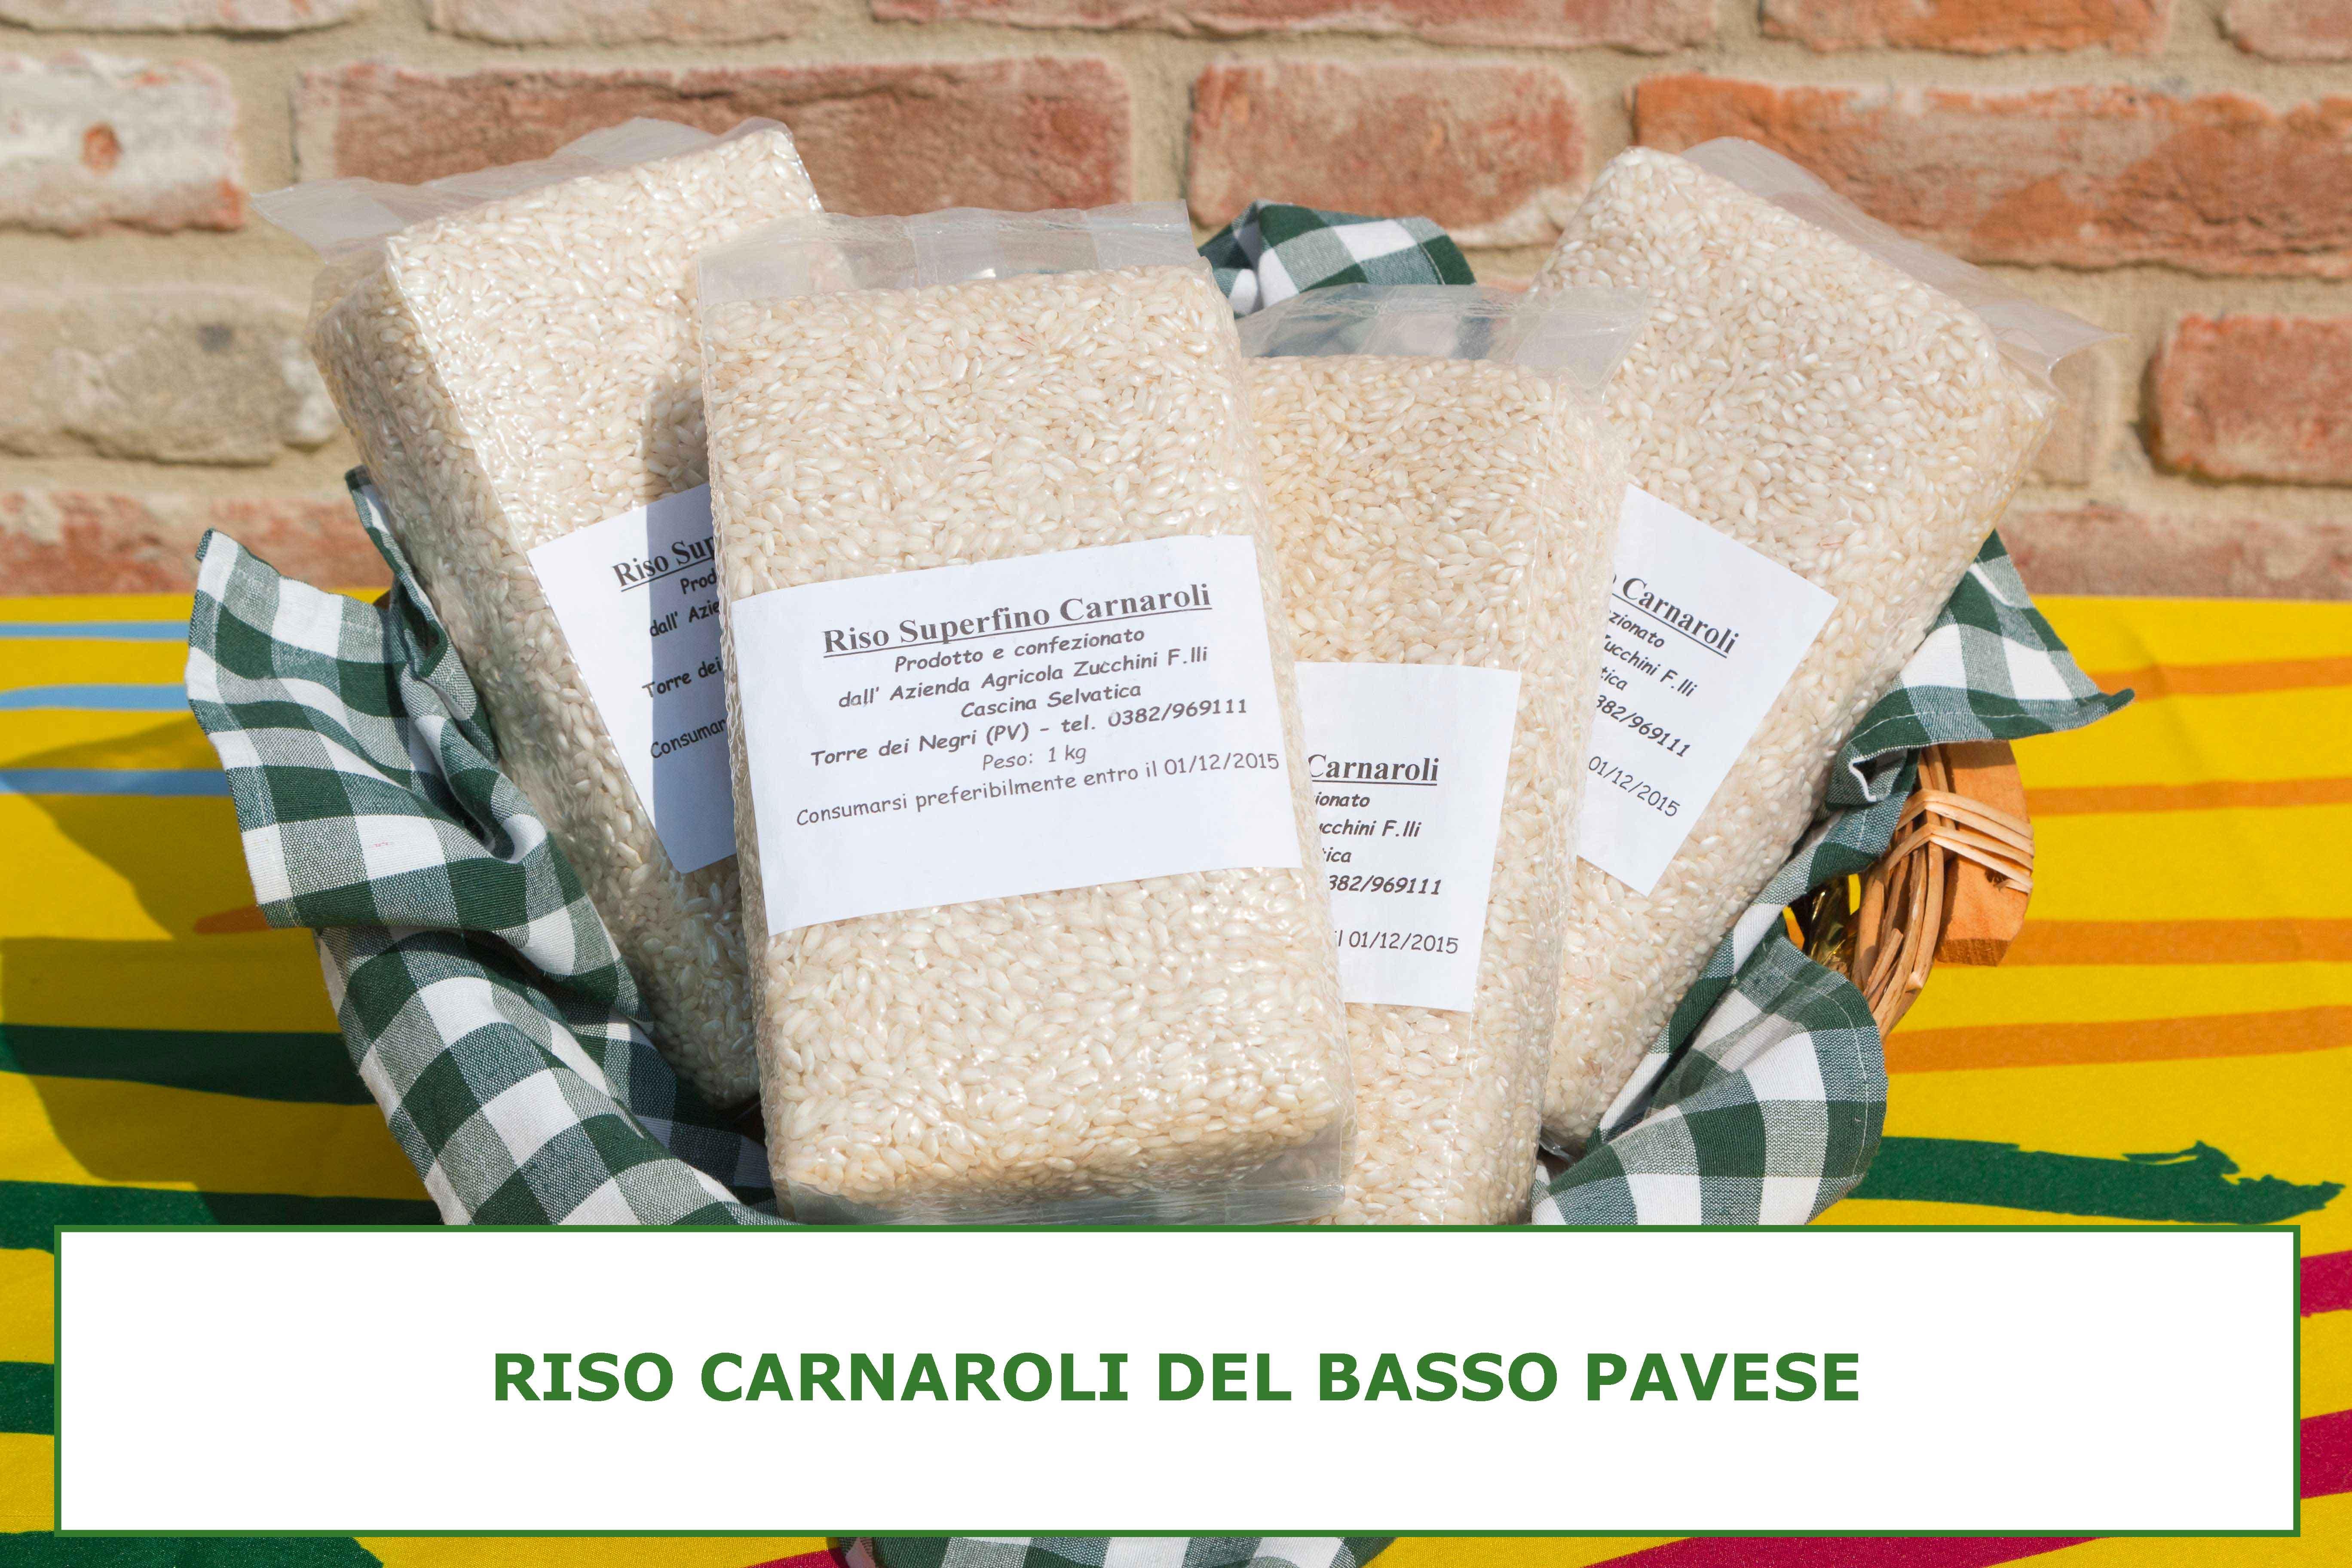 RISO-CARNAROLI-DEL-BASSO-PAVESE